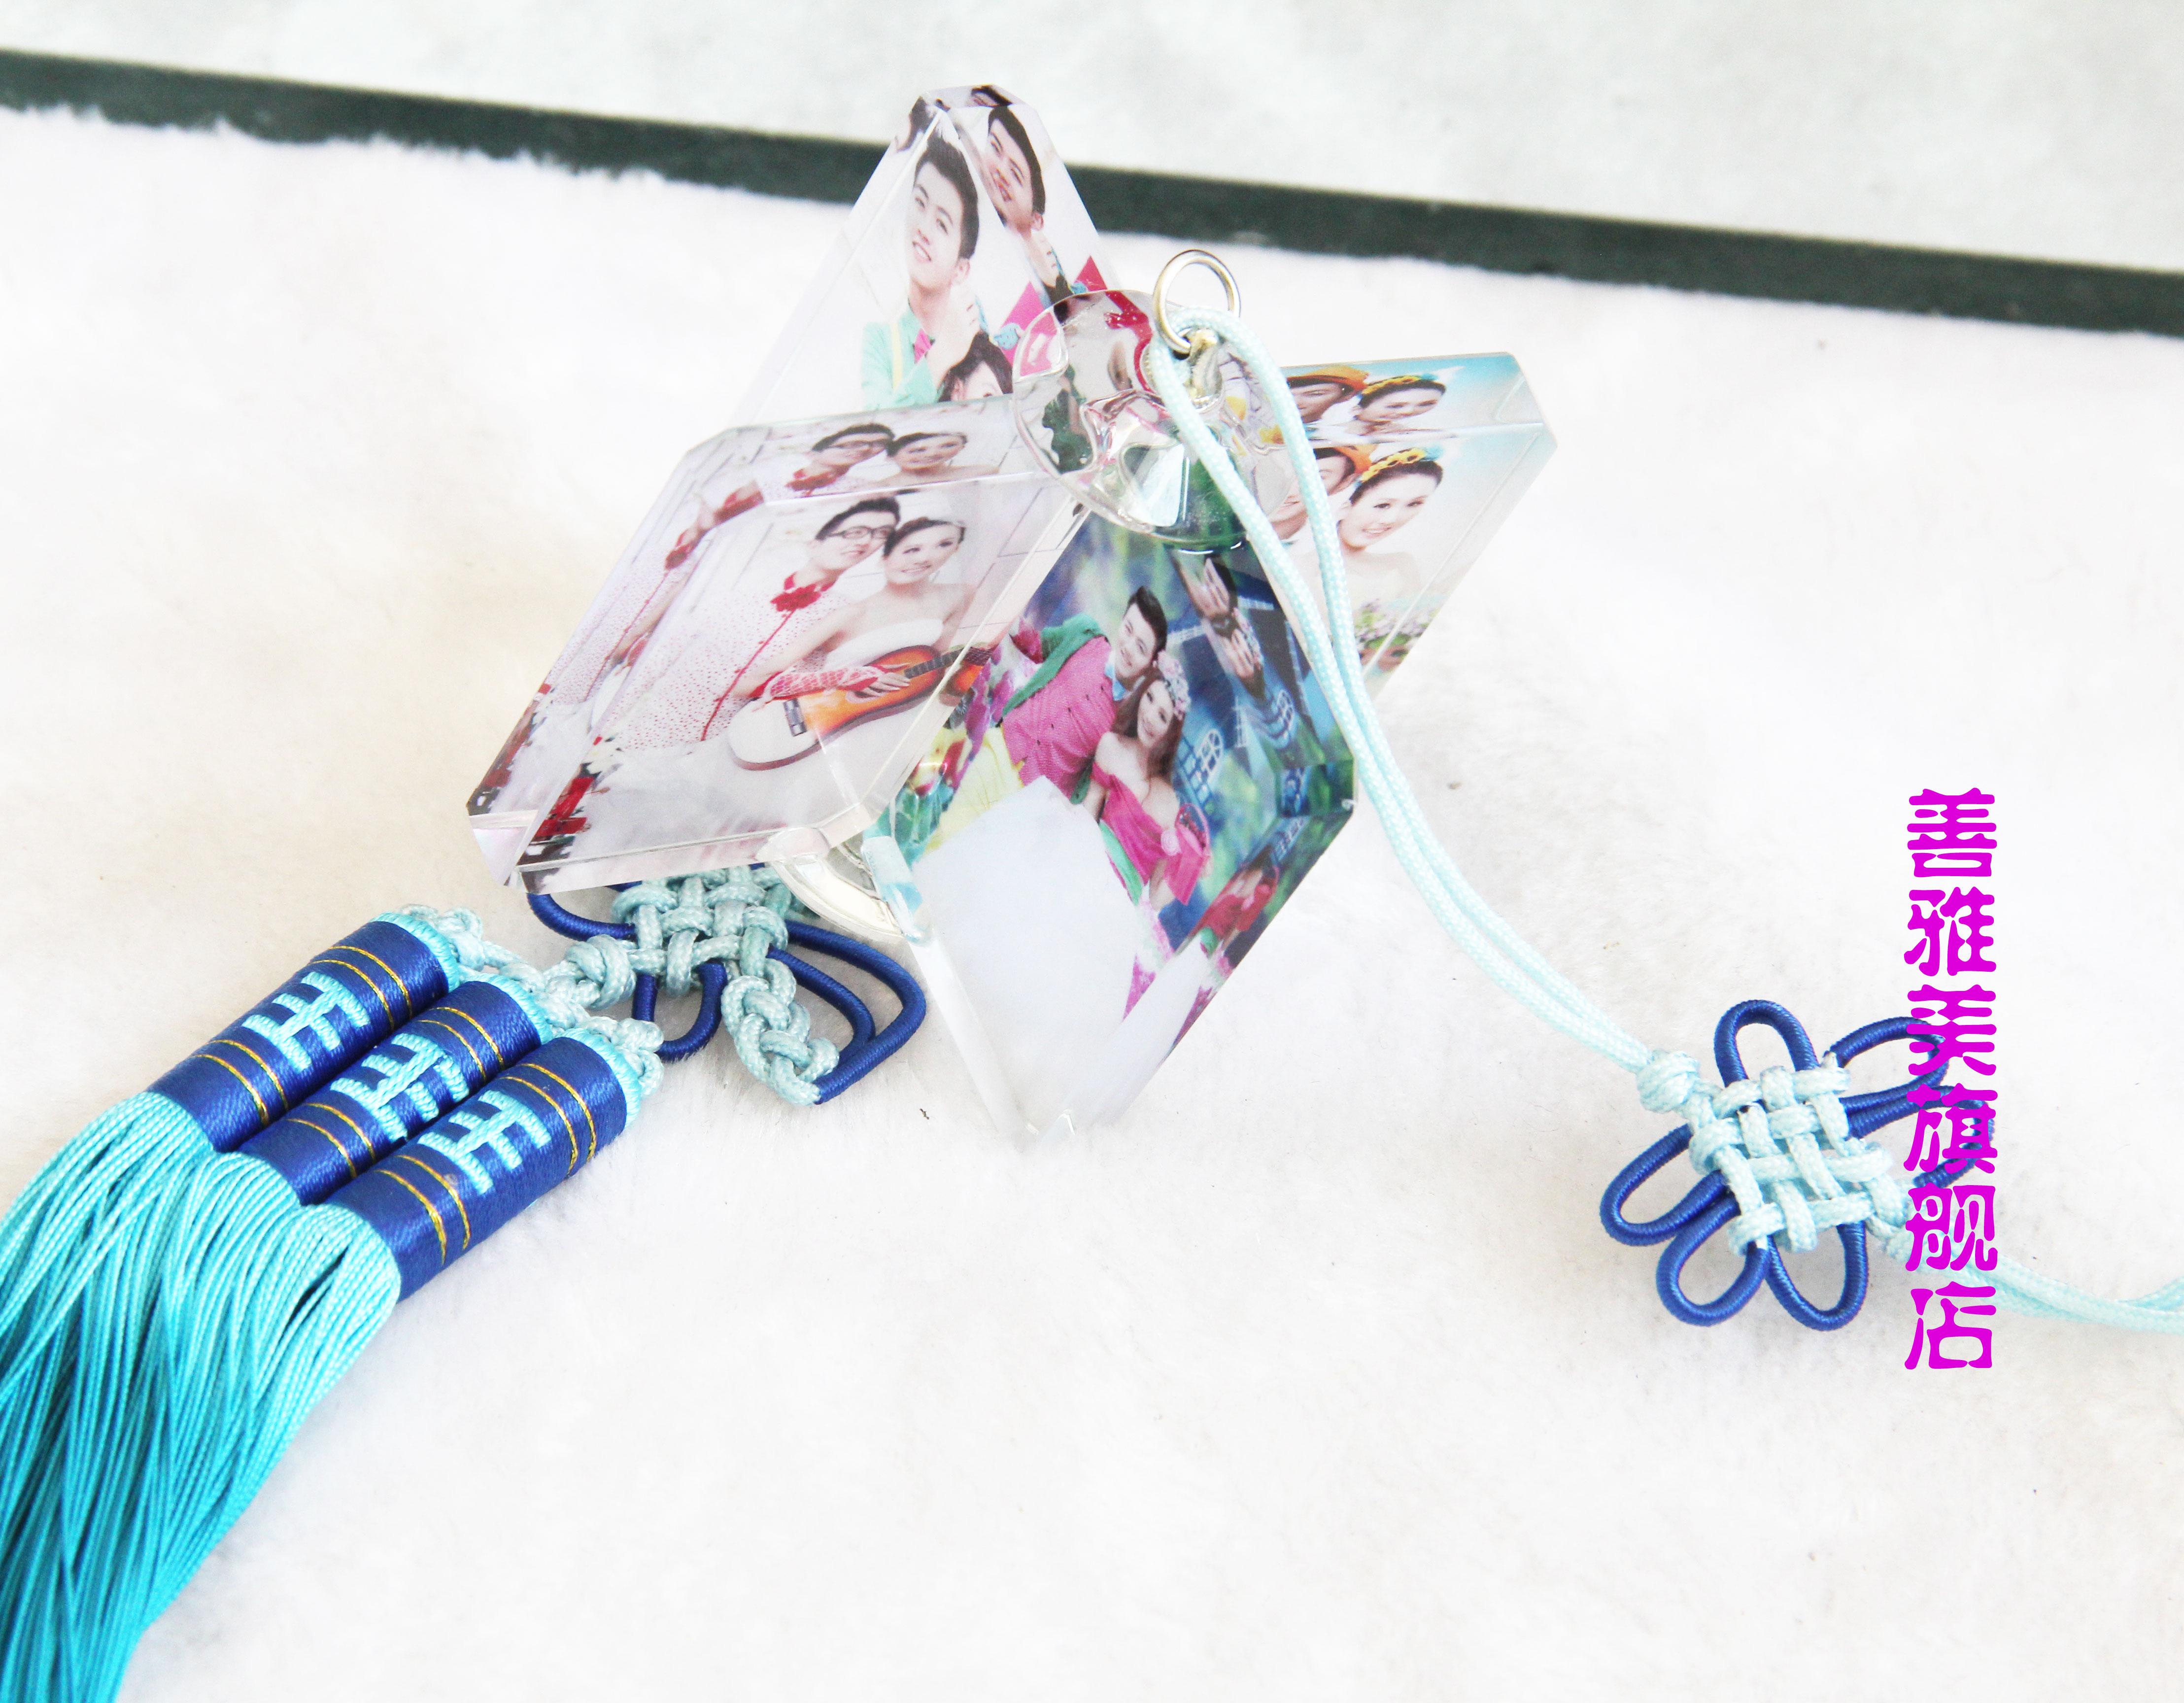 Кристалл ветряная мельница фото автомобиль кулон творческий брелок китайский узел фото стандарт аксессуары день рождения подарочные пакеты почта